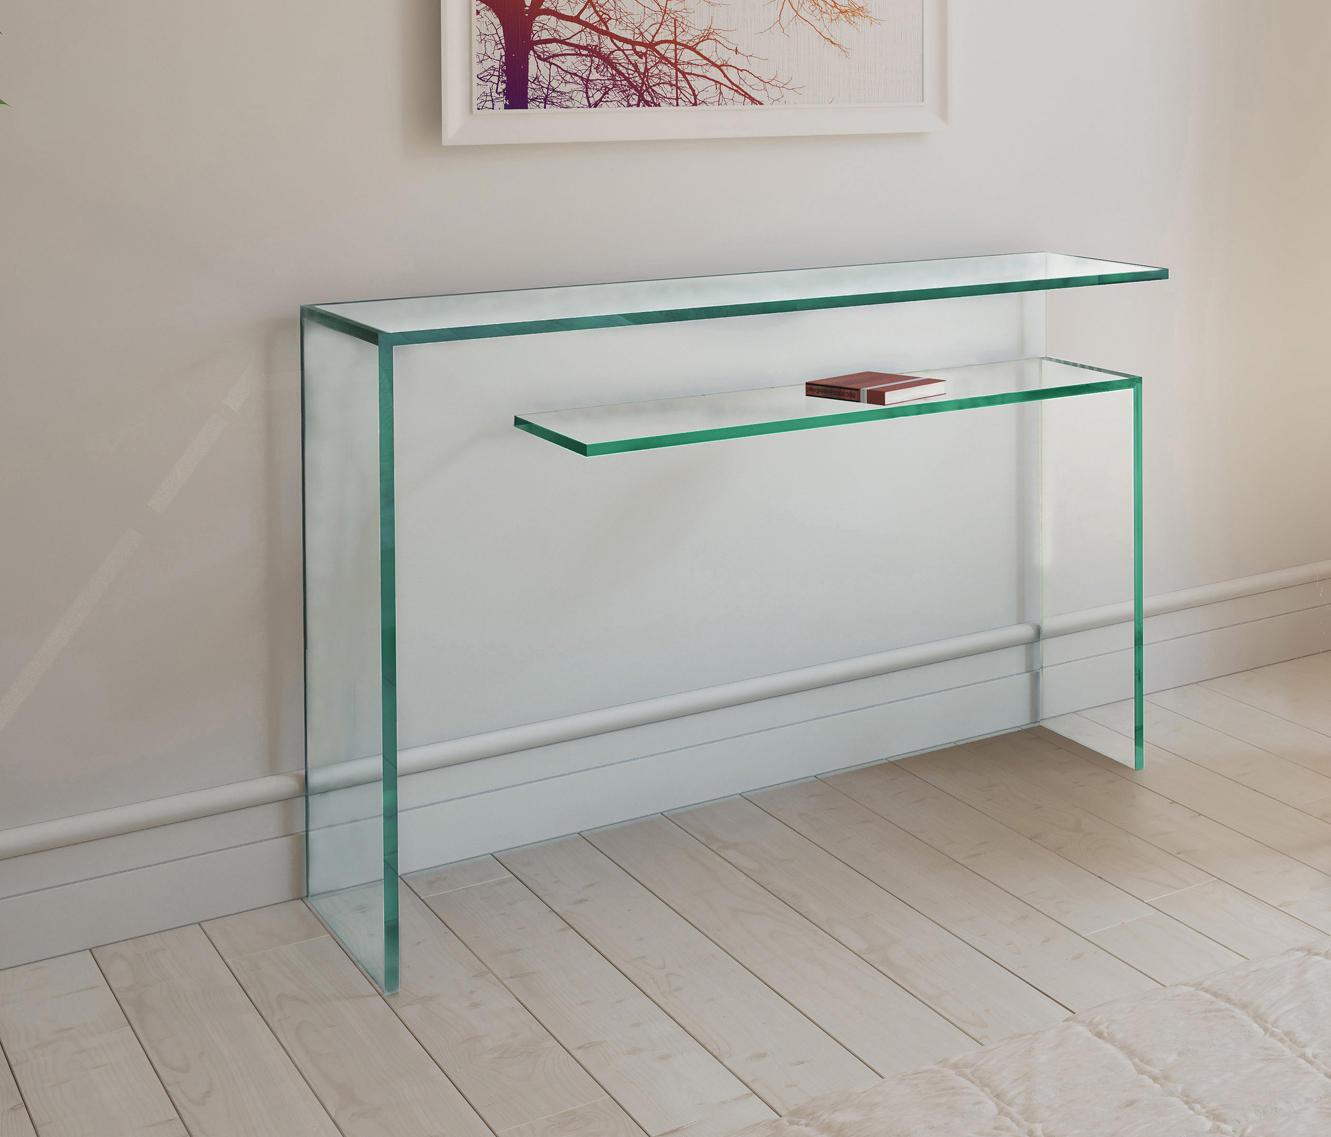 konsole l 105 ow c konsoltische von dreieck design. Black Bedroom Furniture Sets. Home Design Ideas